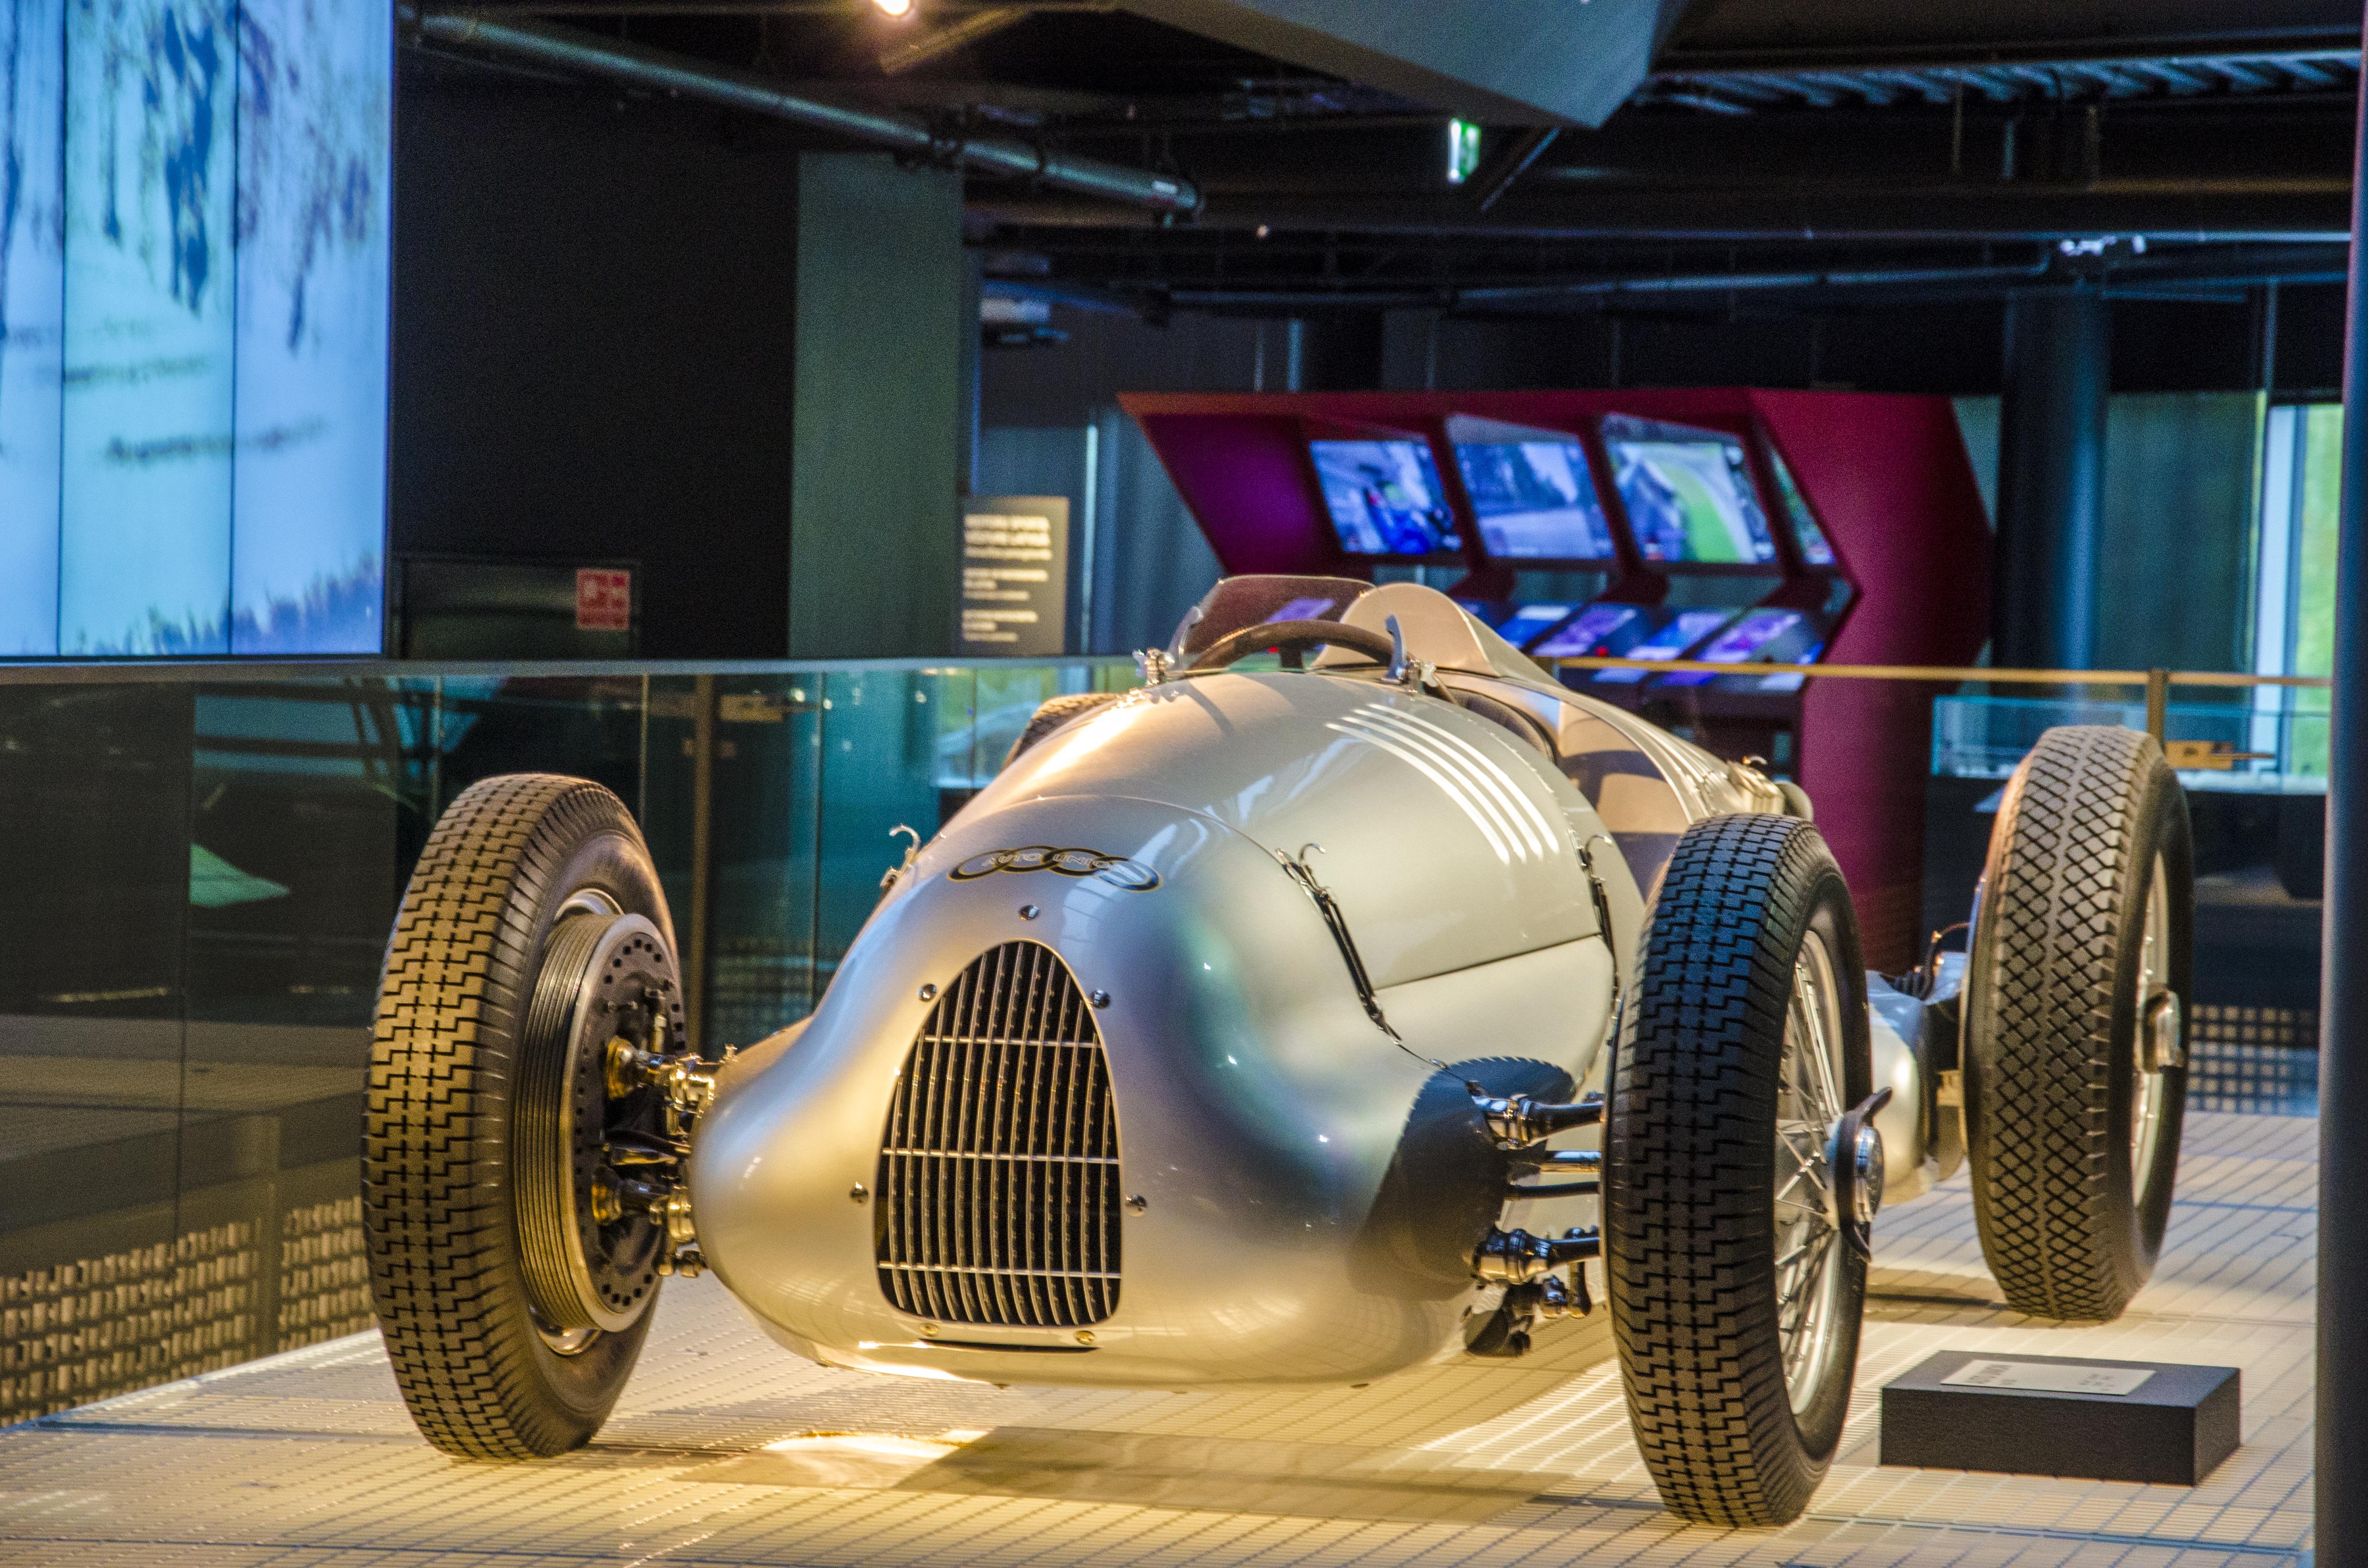 Спортивная коллекция. Рижский моторный музей